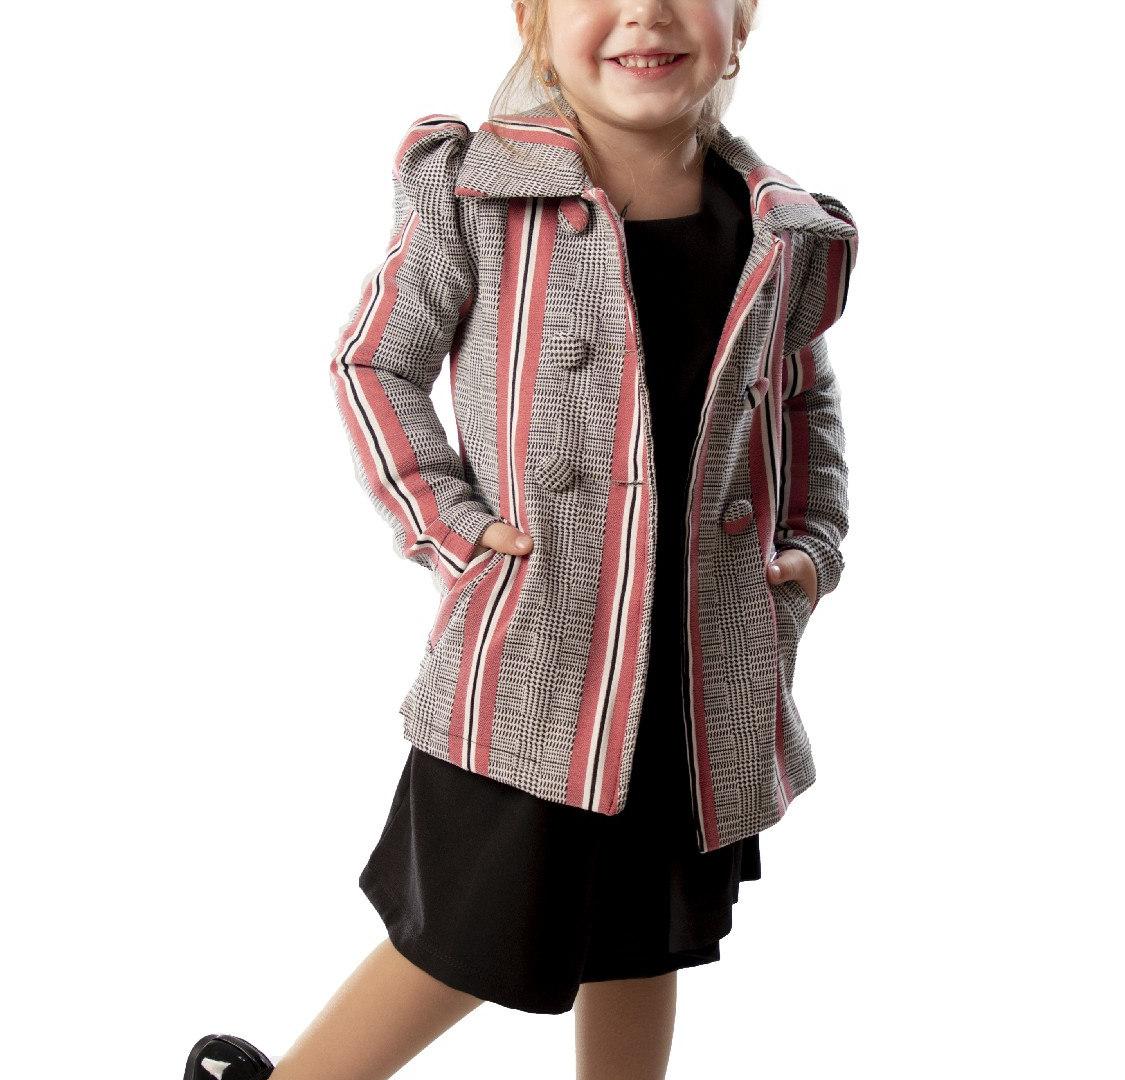 מעיל הילטון malaya | מאליה אופנת ילדים